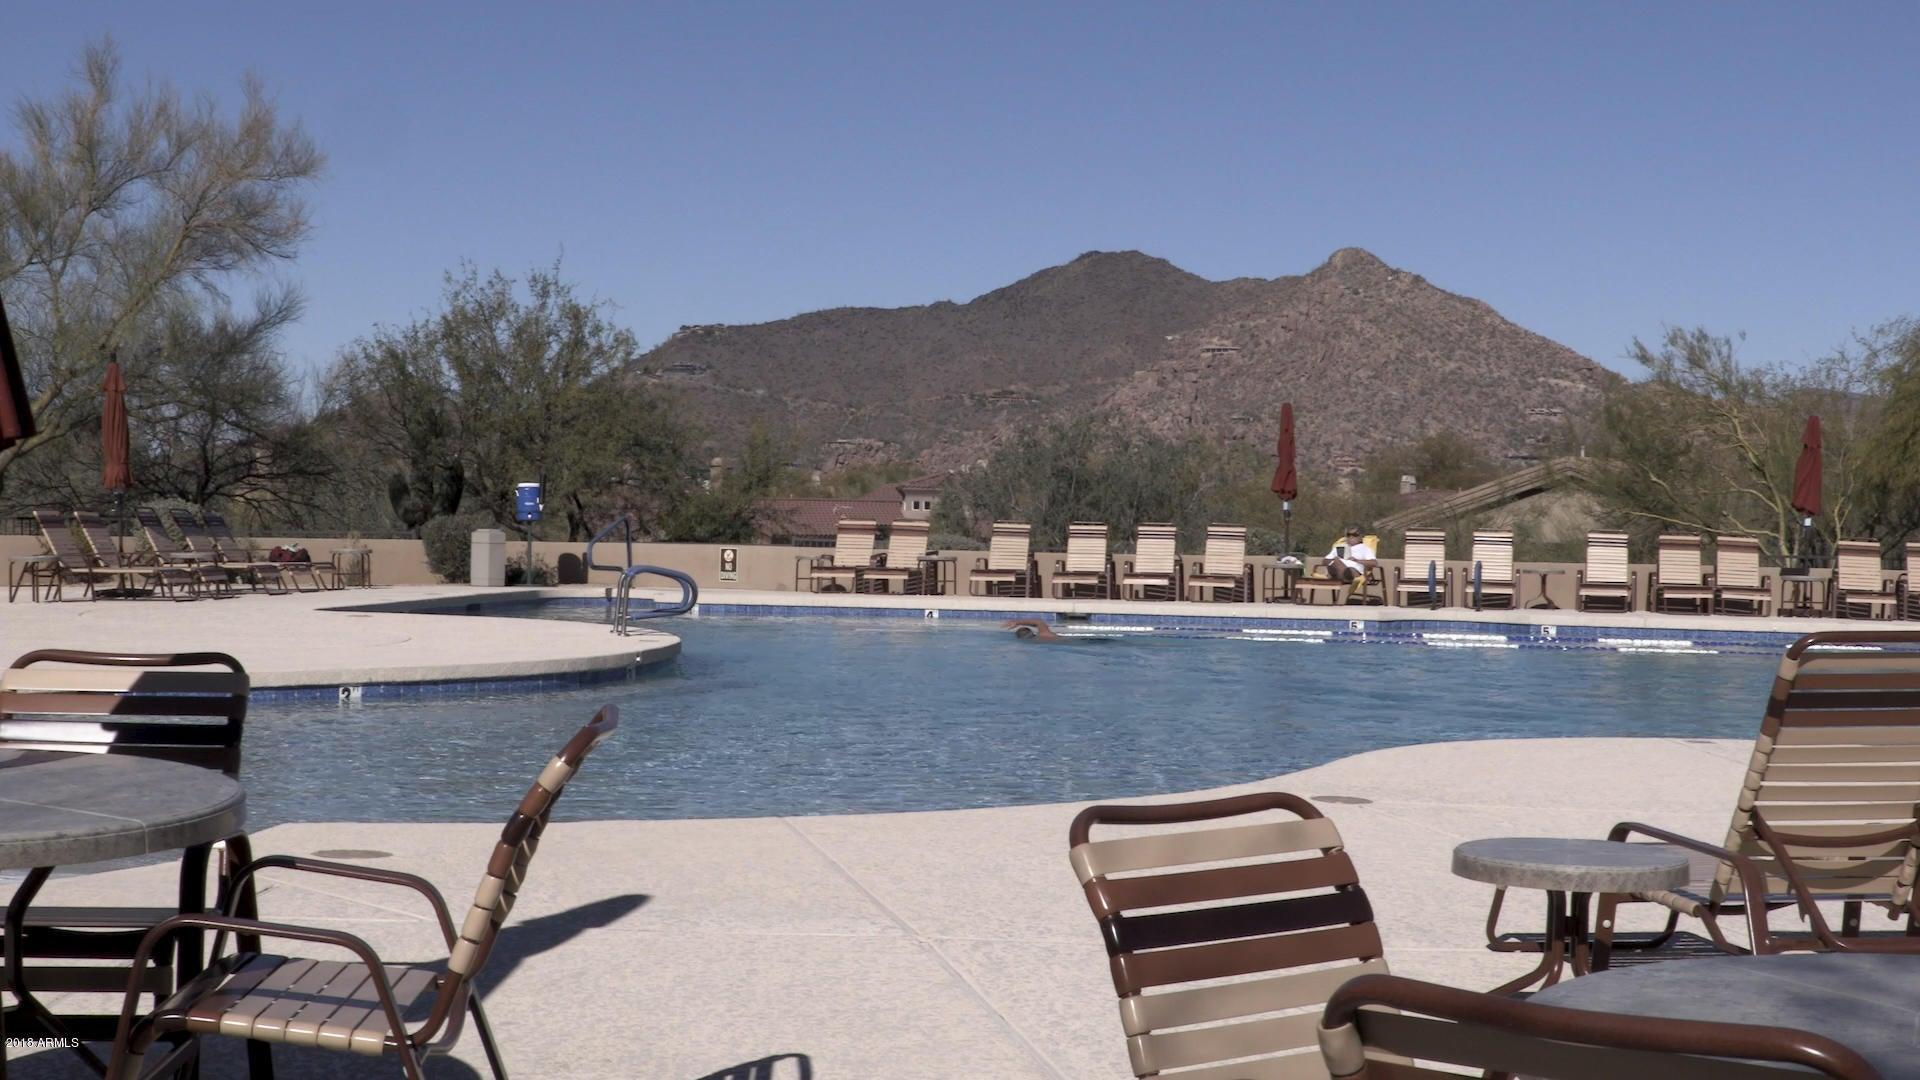 MLS 5715609 7480 E SOARING EAGLE Way, Scottsdale, AZ 85266 Scottsdale AZ Gated